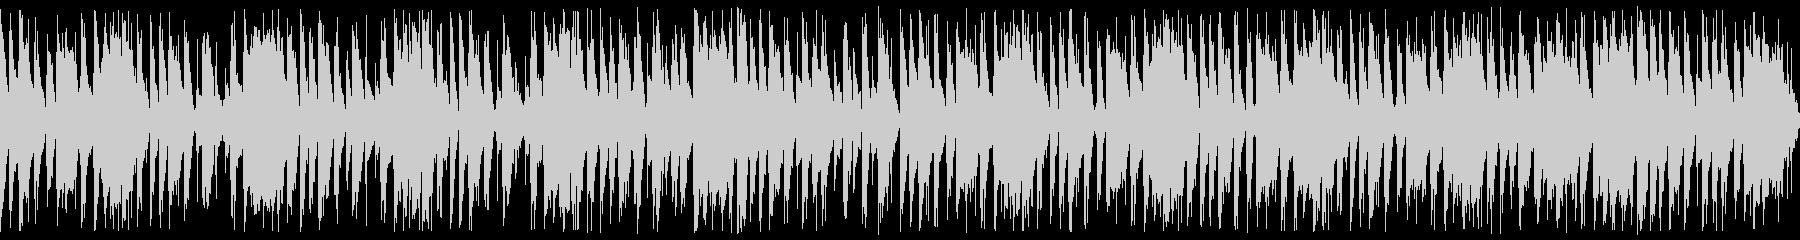 豪華で軽快ビッグバンドジャズ(ループの未再生の波形